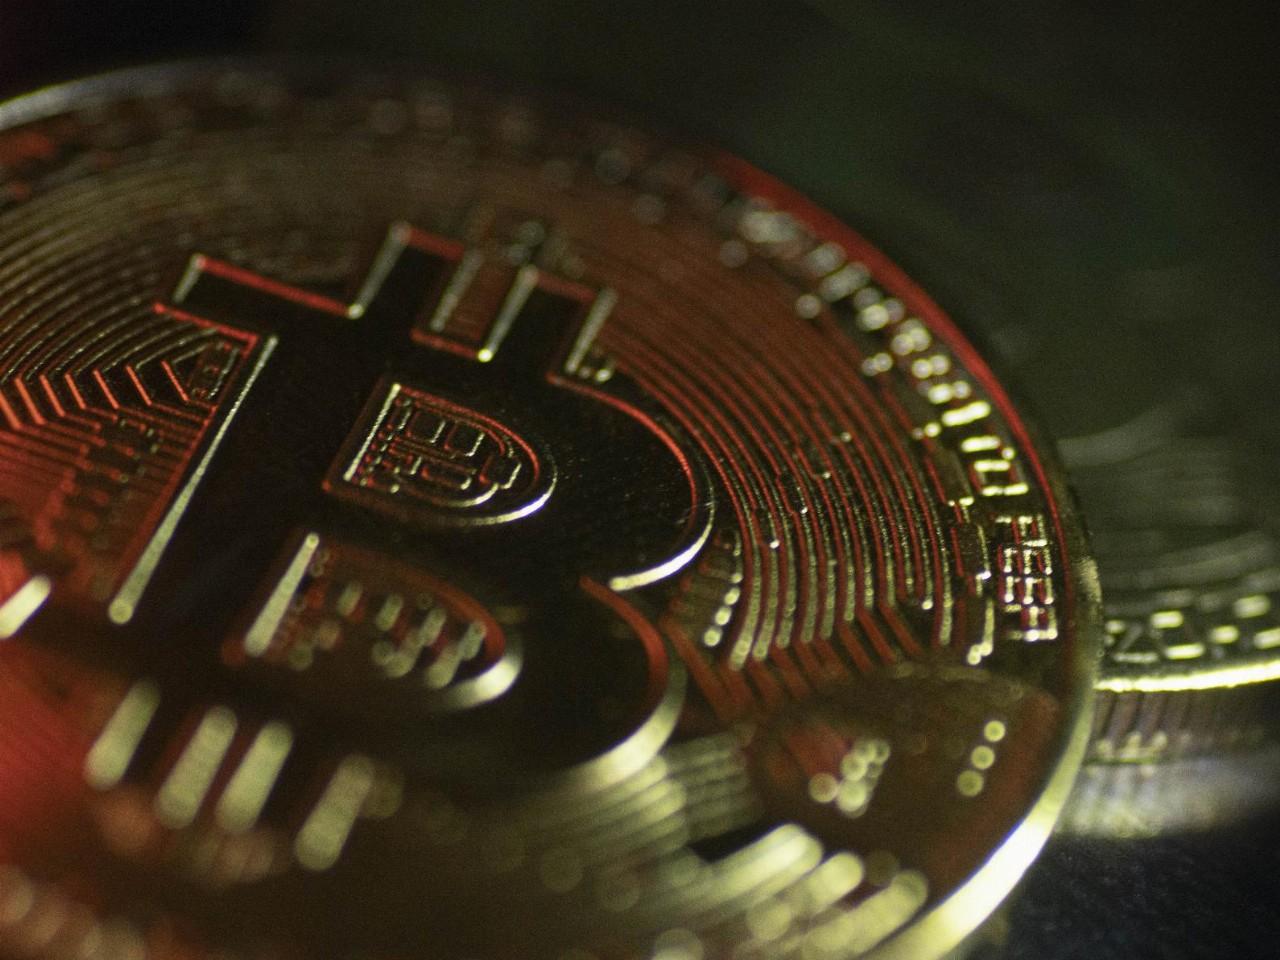 Kaip prekybininkas bitkoinais hk Suinok, Simboliai